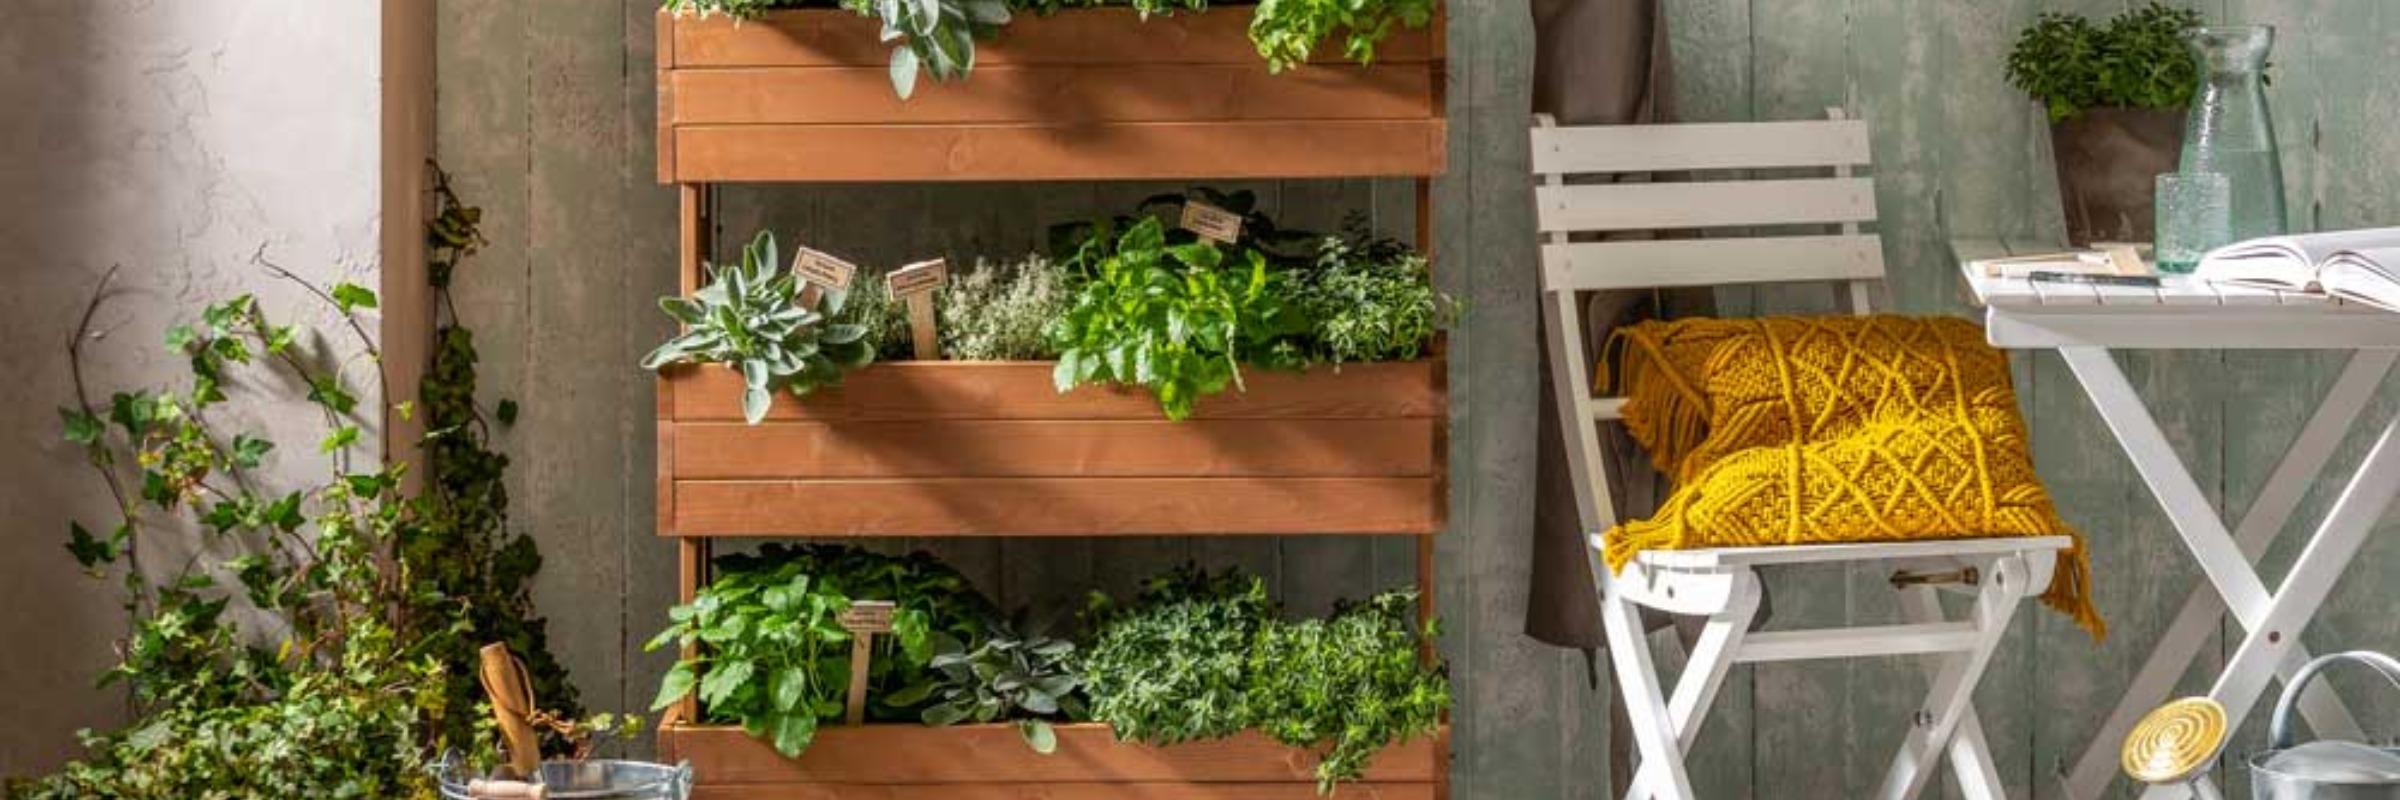 Ihren Balkon Ansprechend Gestalten Dehner